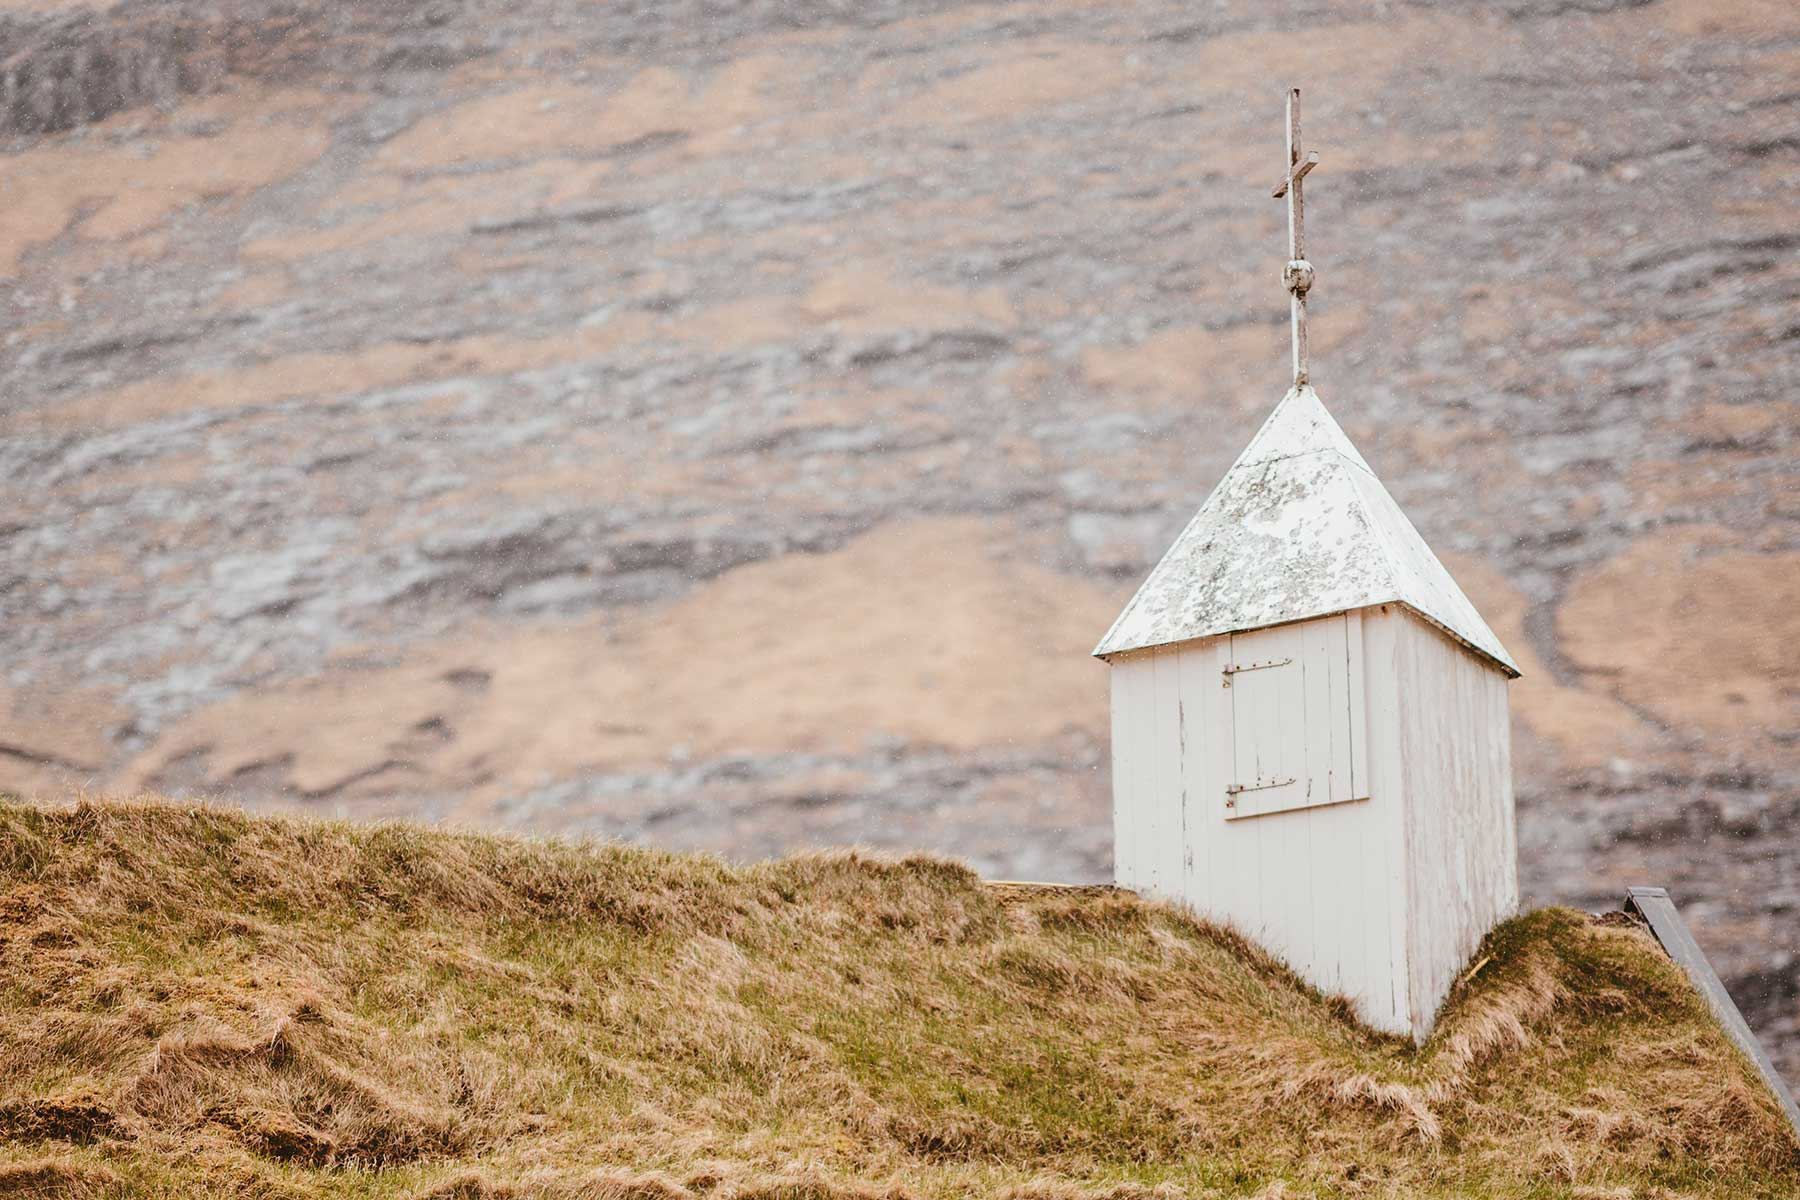 Ett-tak-på-en-kyrka-på-Färöarna-Nygren-Lind-Resebyrå